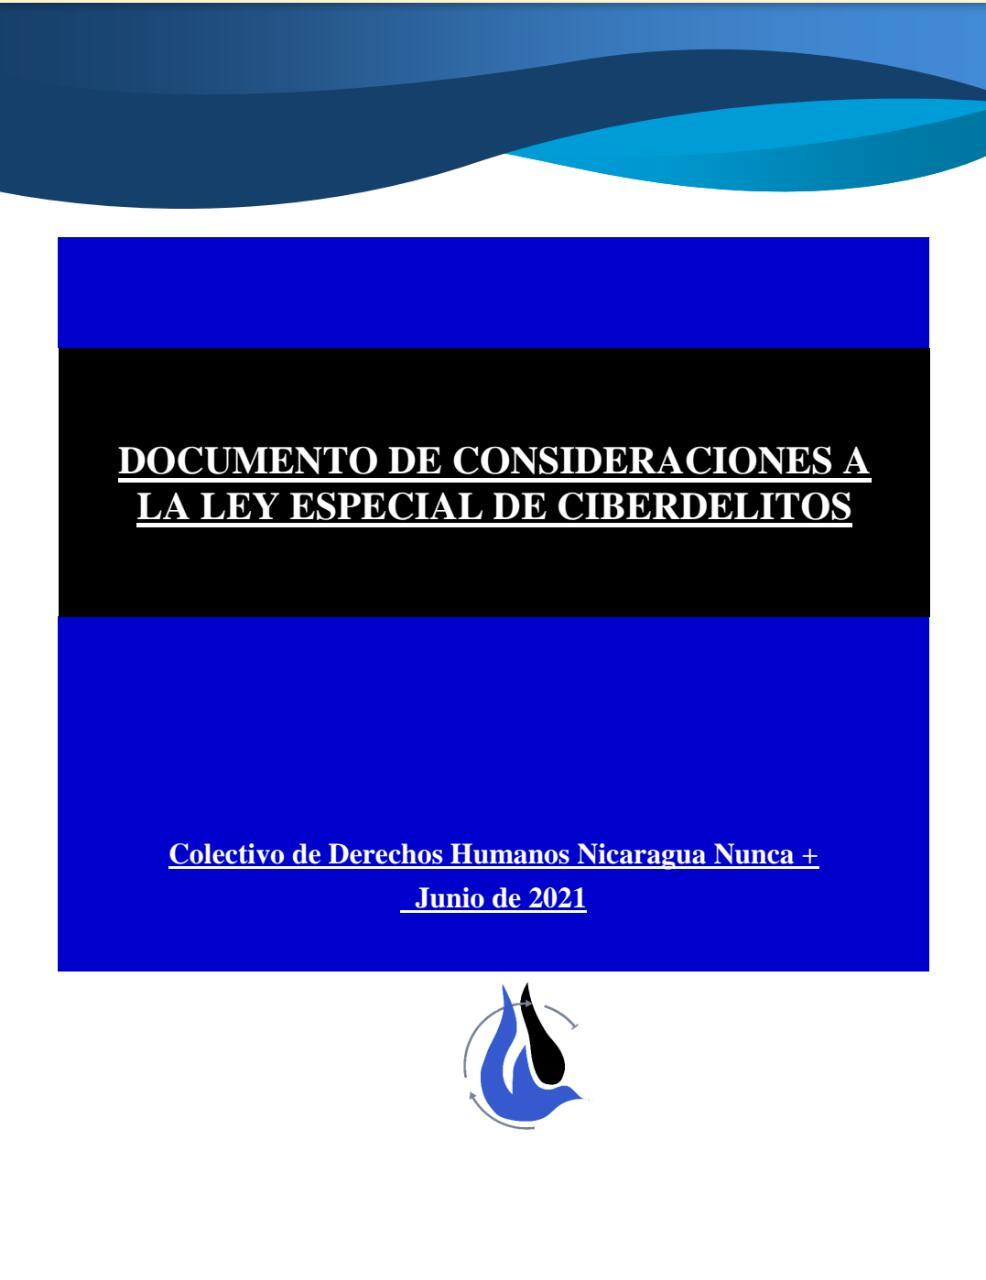 070621-Portada-Consideraciones-Ley-Ciberdelitos